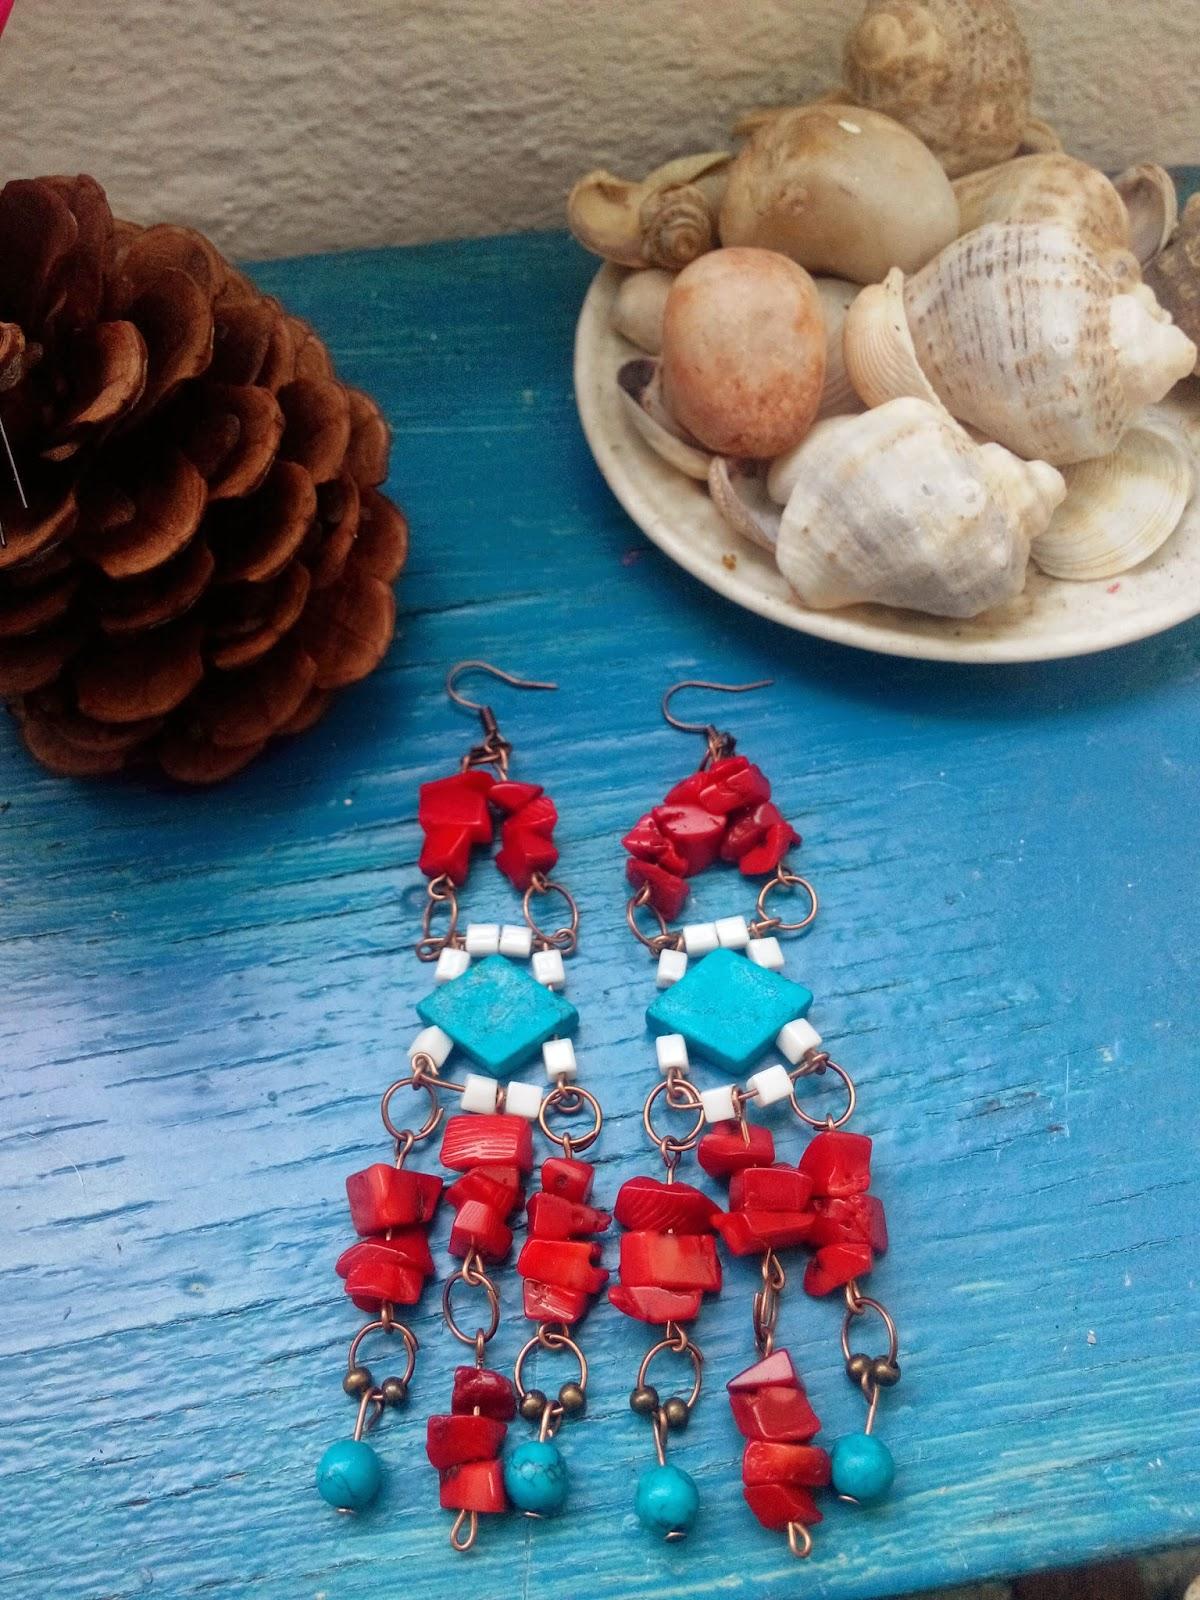 cercei mare circul magic handmade accesorii rosu albastru alb (1)